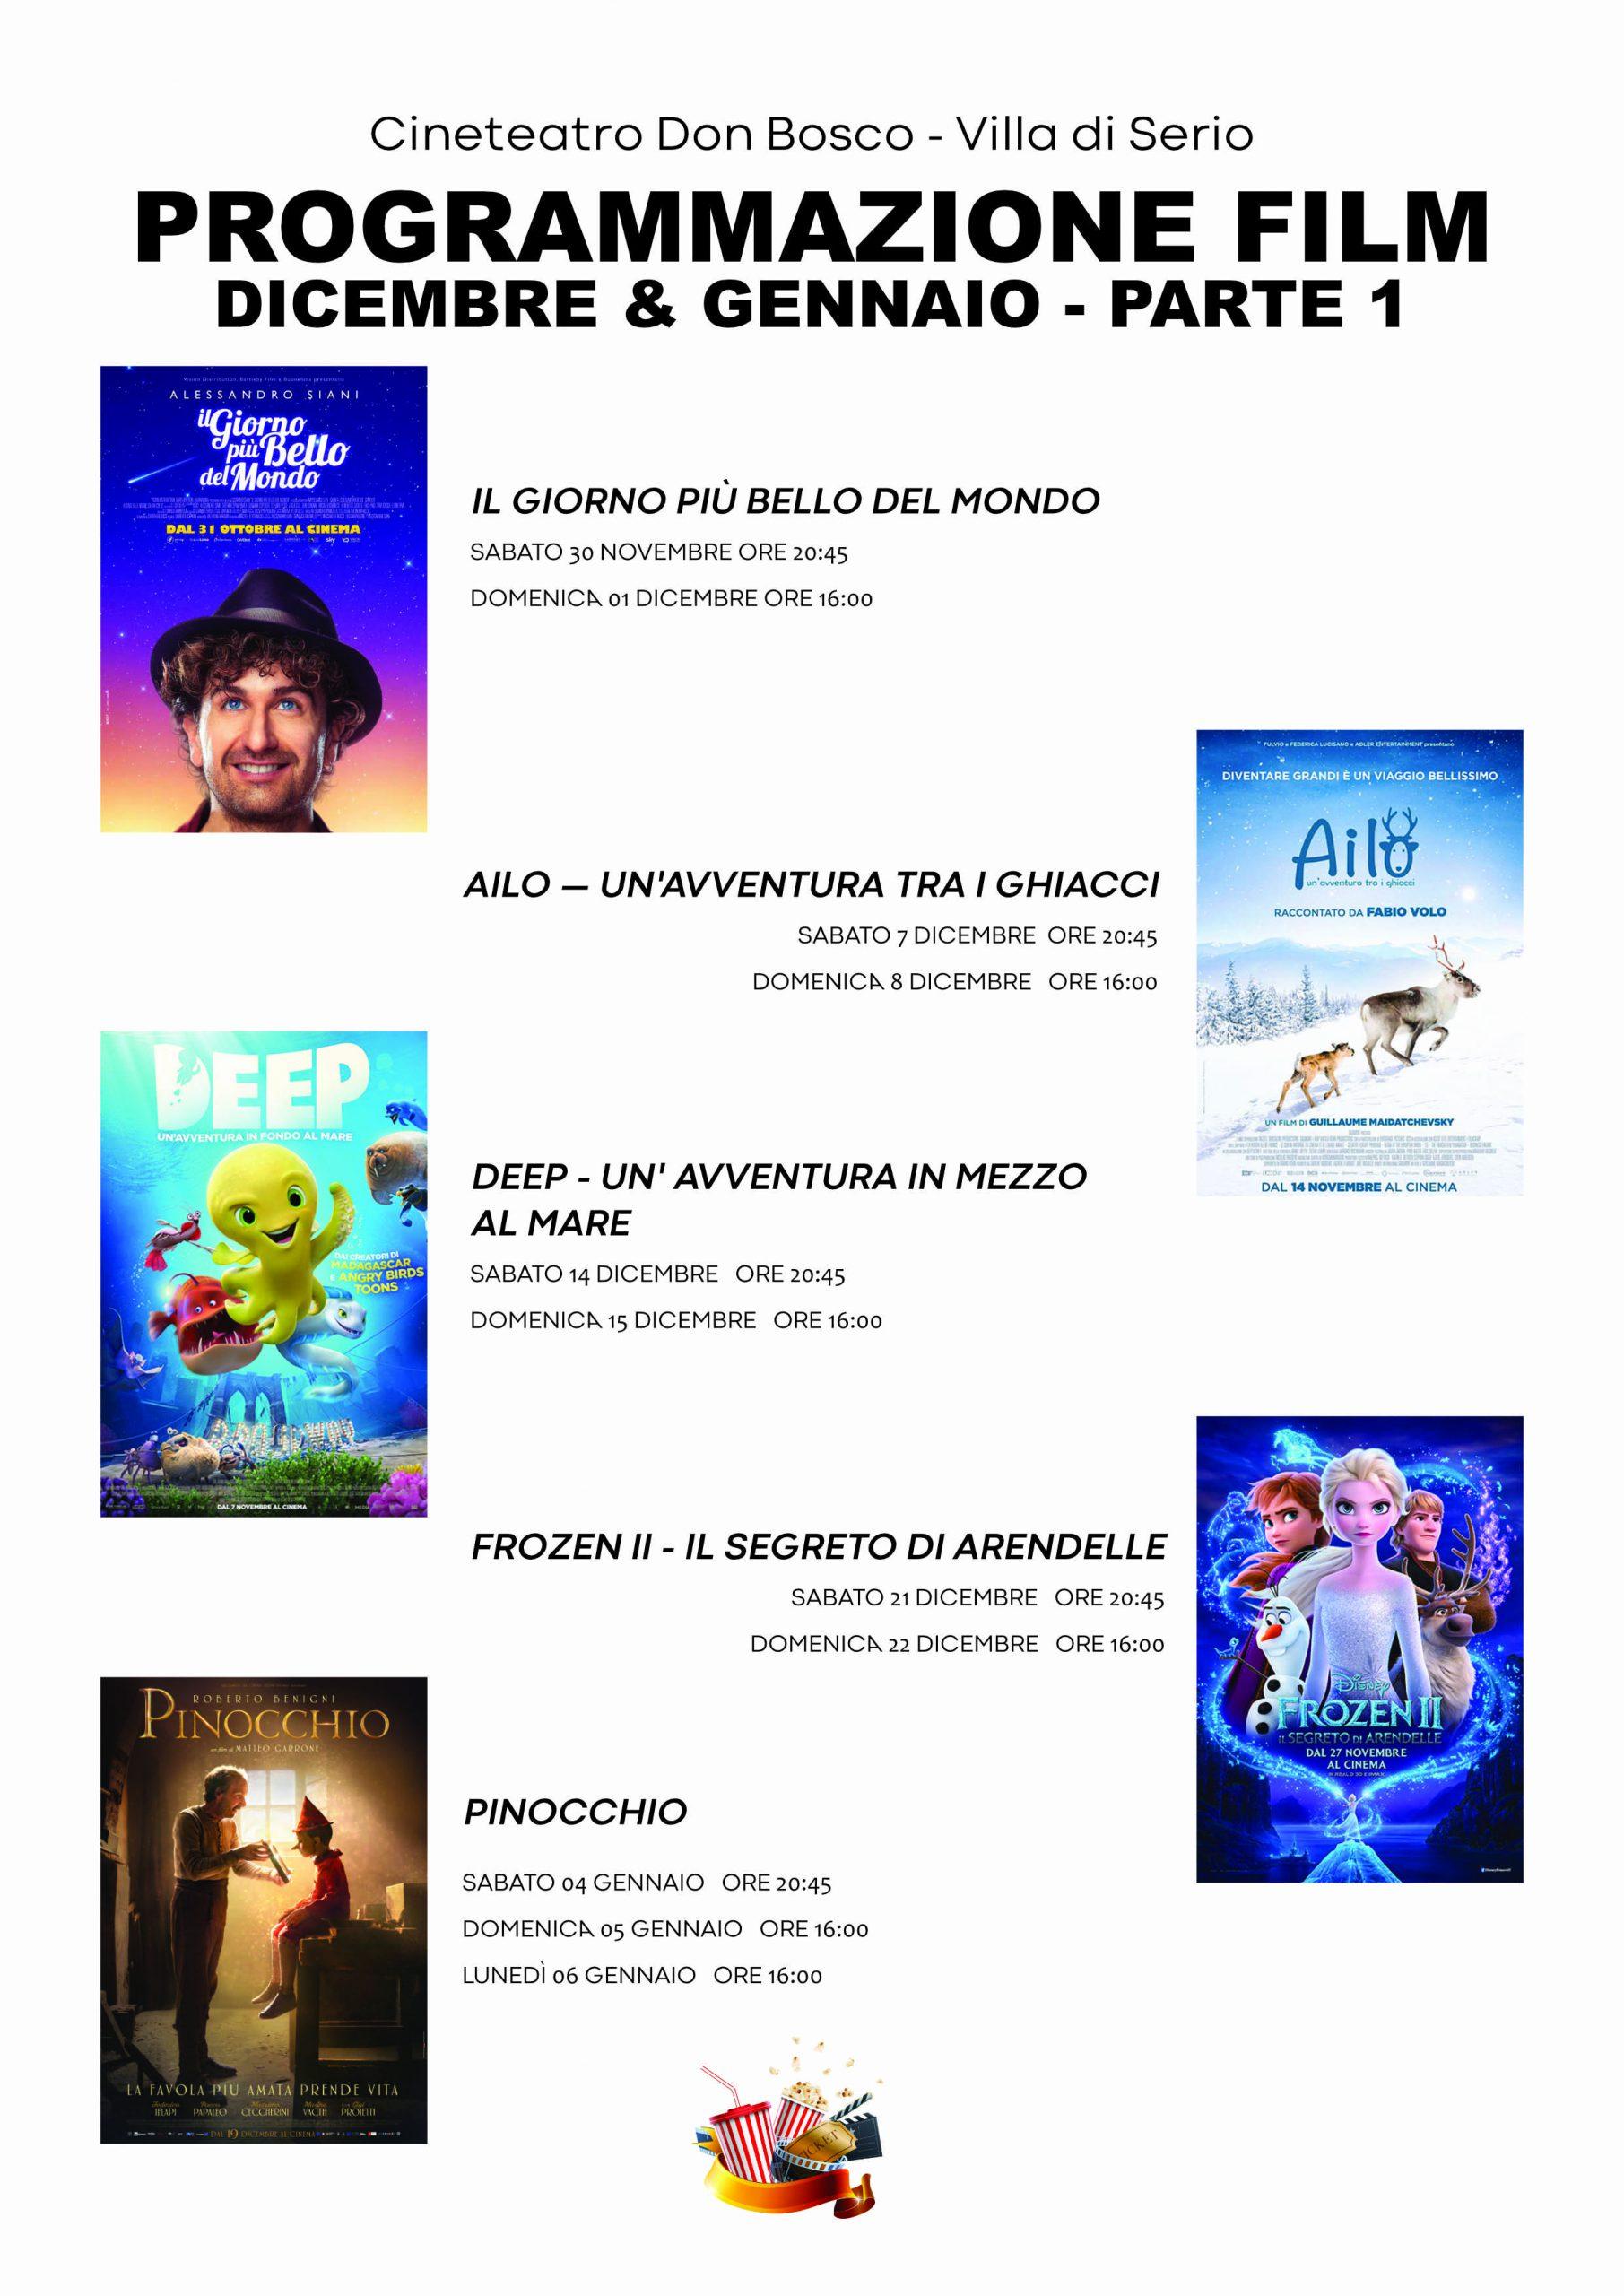 Programmazione Film dicembre 2019 & gennaio 2020